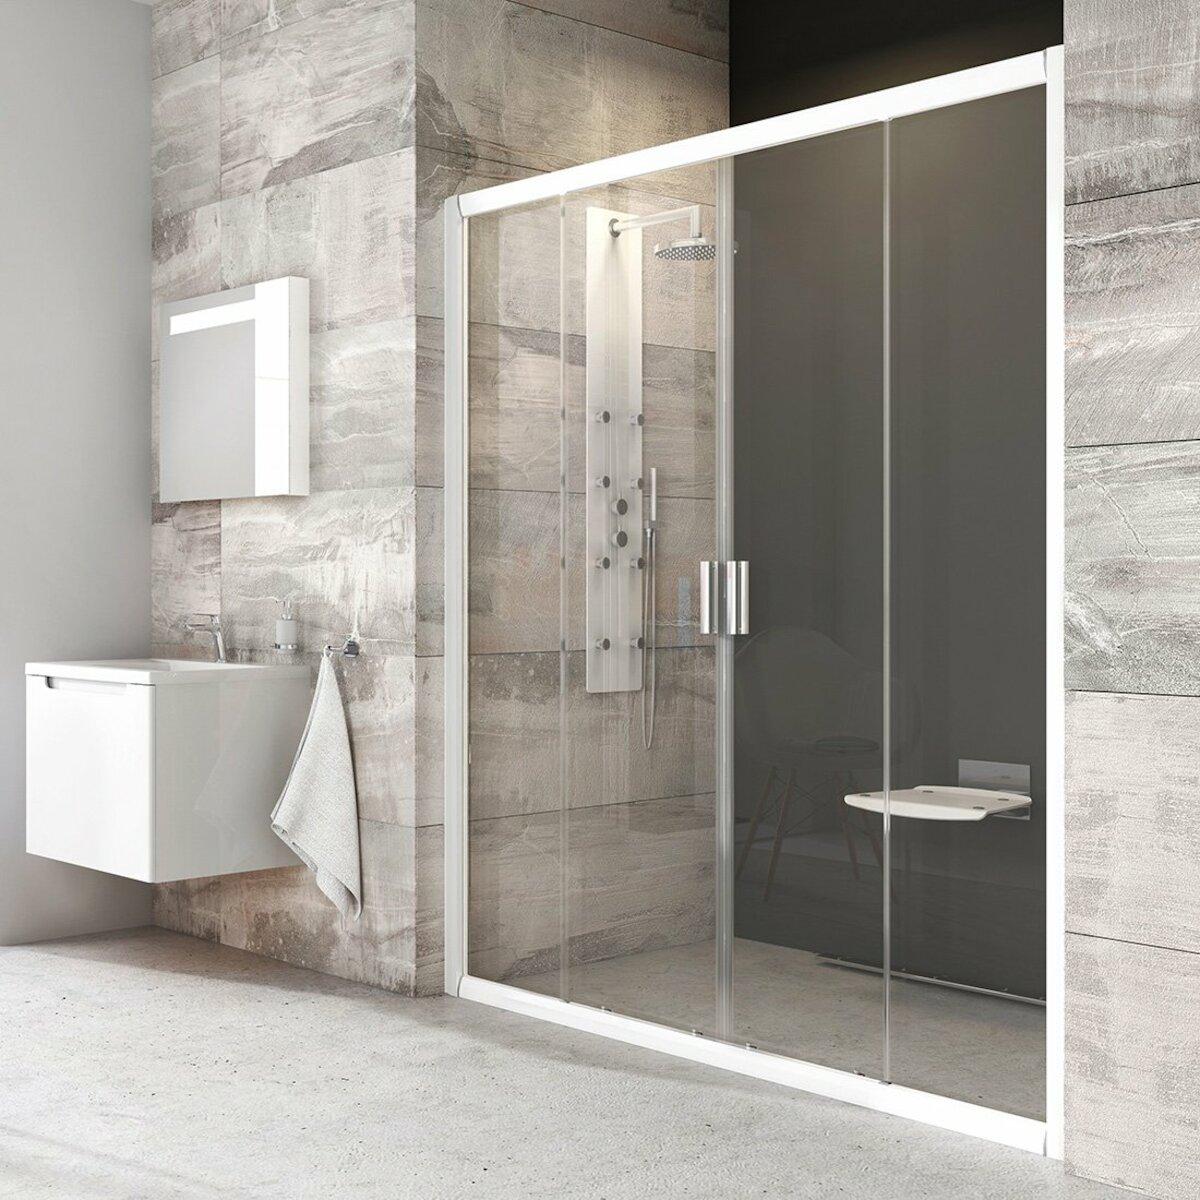 Sprchové dvere 200x190 cm Ravak Blix biela 0YVK0100Z1